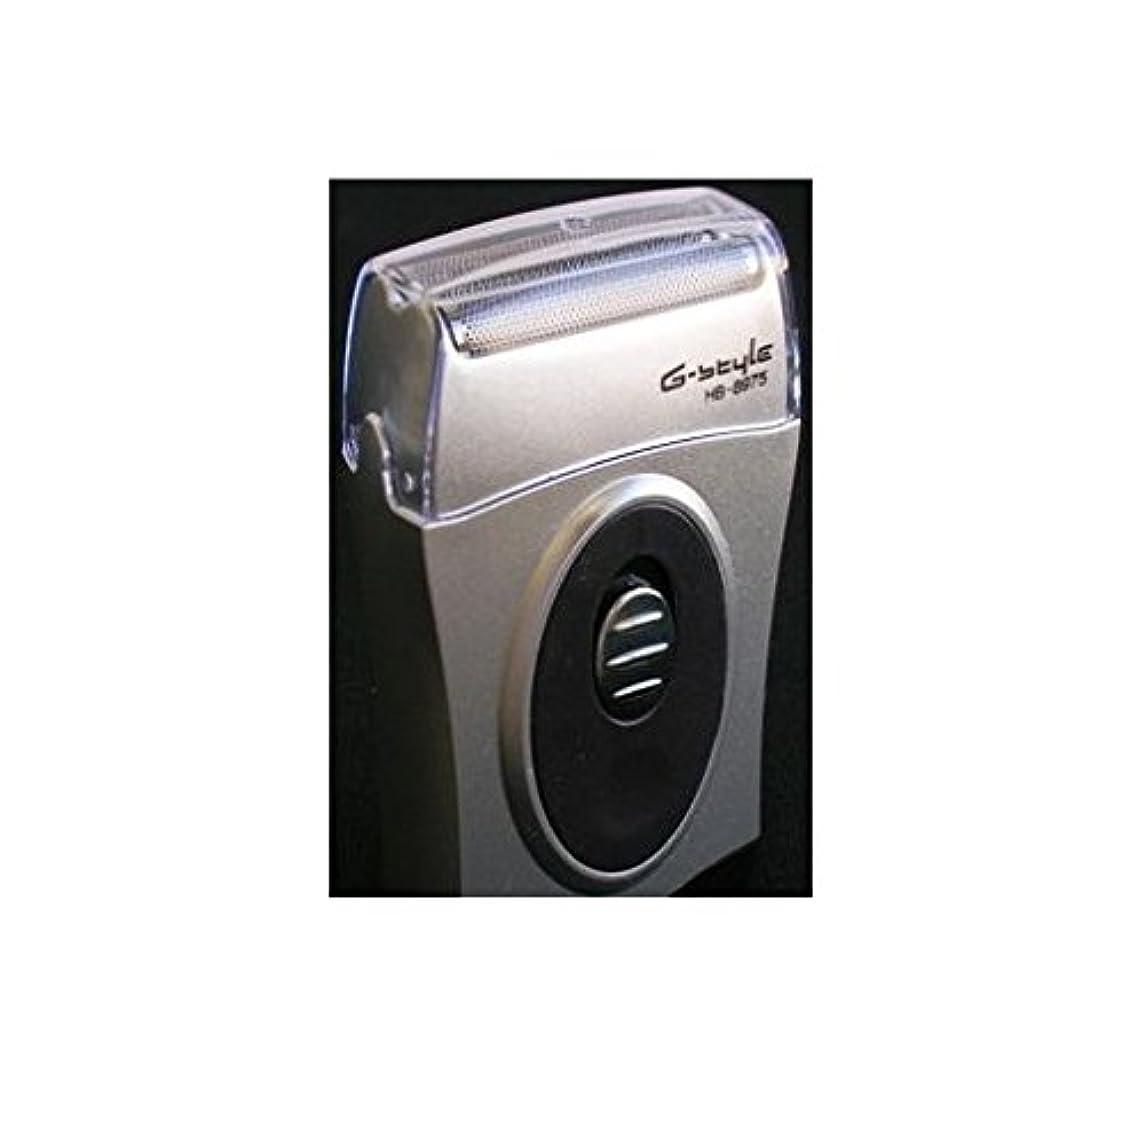 非常にタップ何もないBV57088 水洗いポケットシェーバー HB-8975